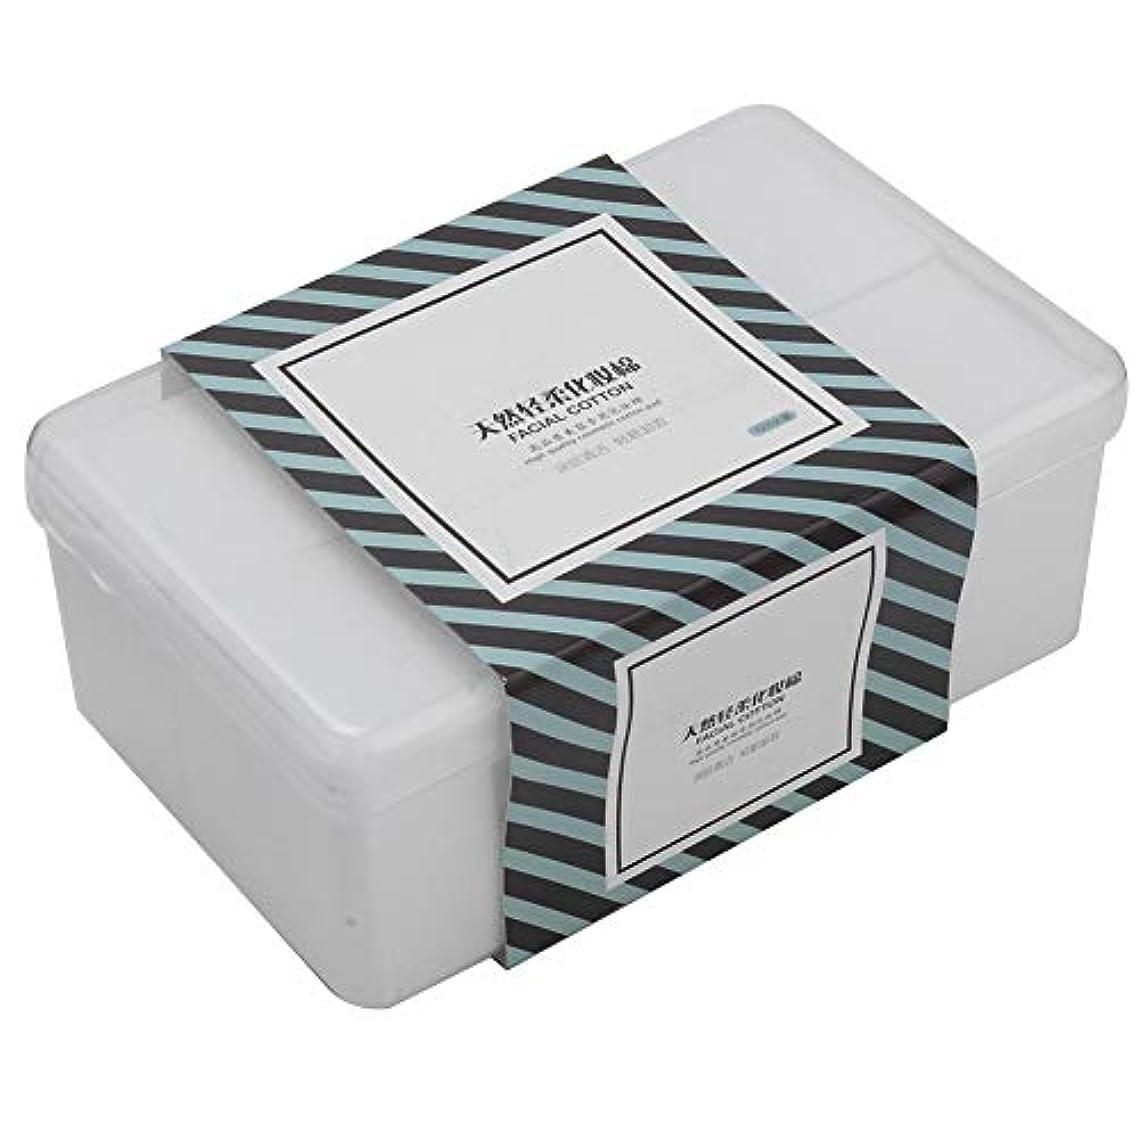 1000Pcs /箱の構造の綿パッド、構造の除去剤のスキンケアのための顔の清潔になる綿および他の事は拭きます